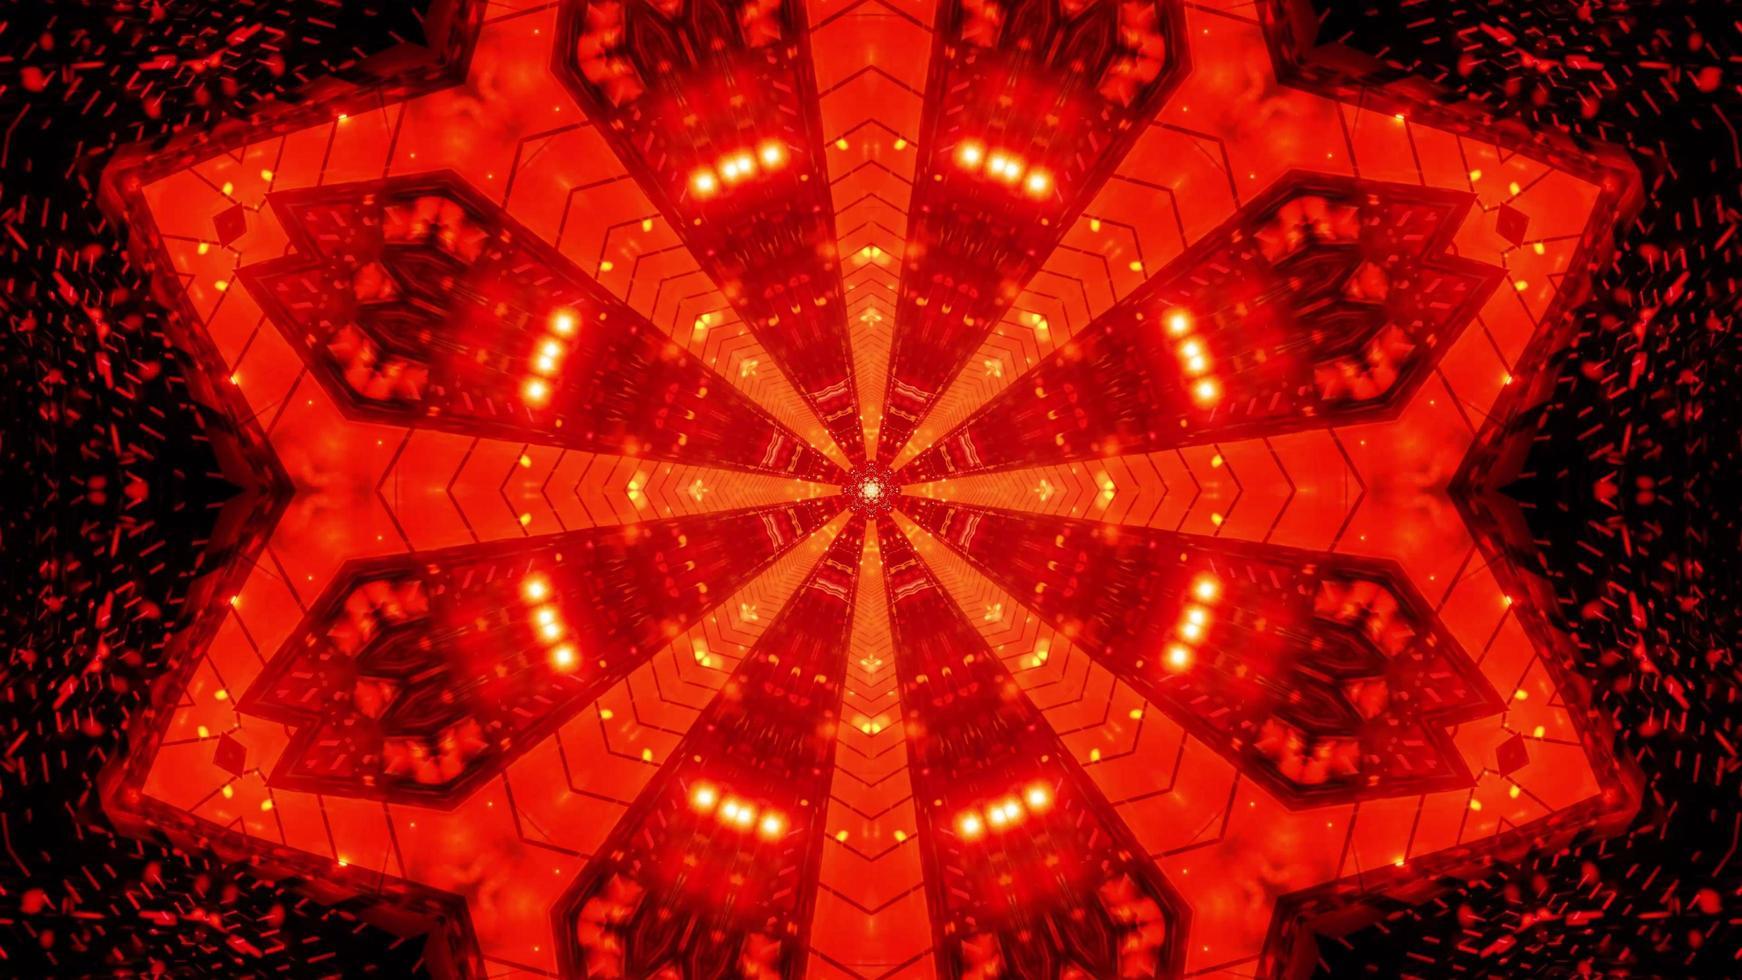 abstracte rode ster tunnel 3d illustratie achtergrond behang ontwerp kunstwerk foto